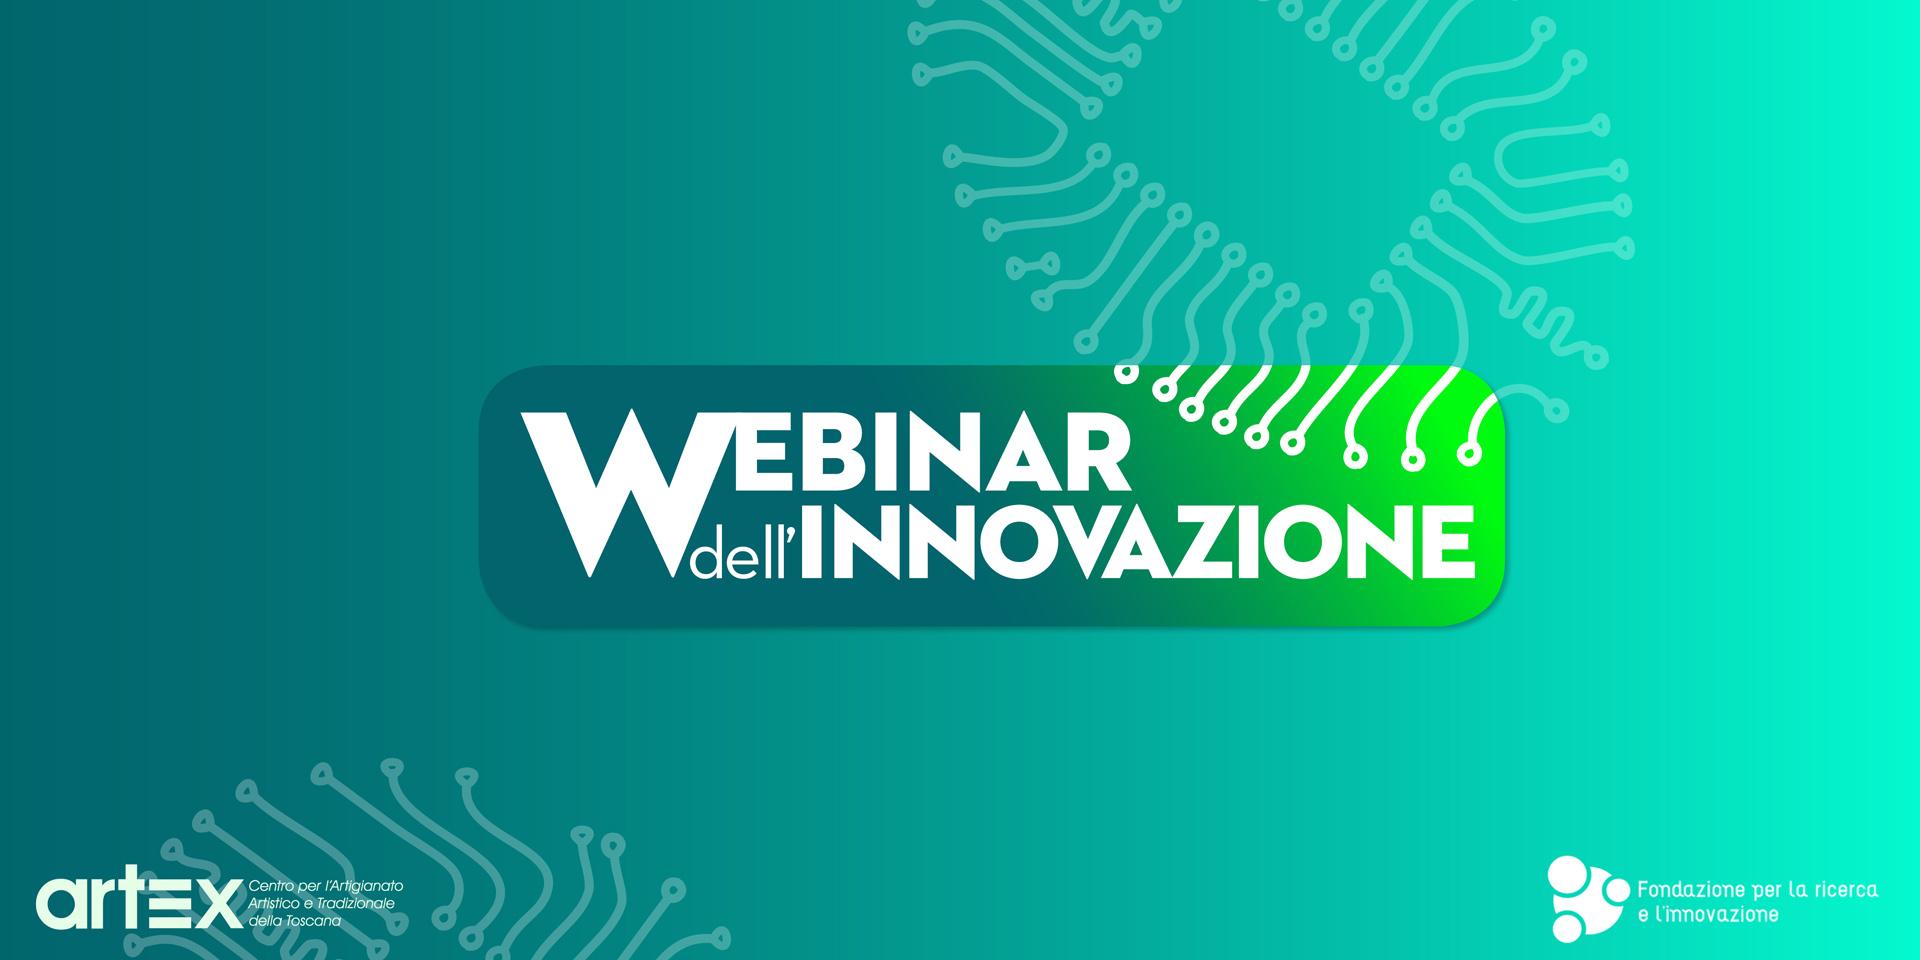 Partono i Webinar dell'Innovazione: appuntamenti virtuali gratuiti sul tema della transizione digitale per l'artigianato artistico